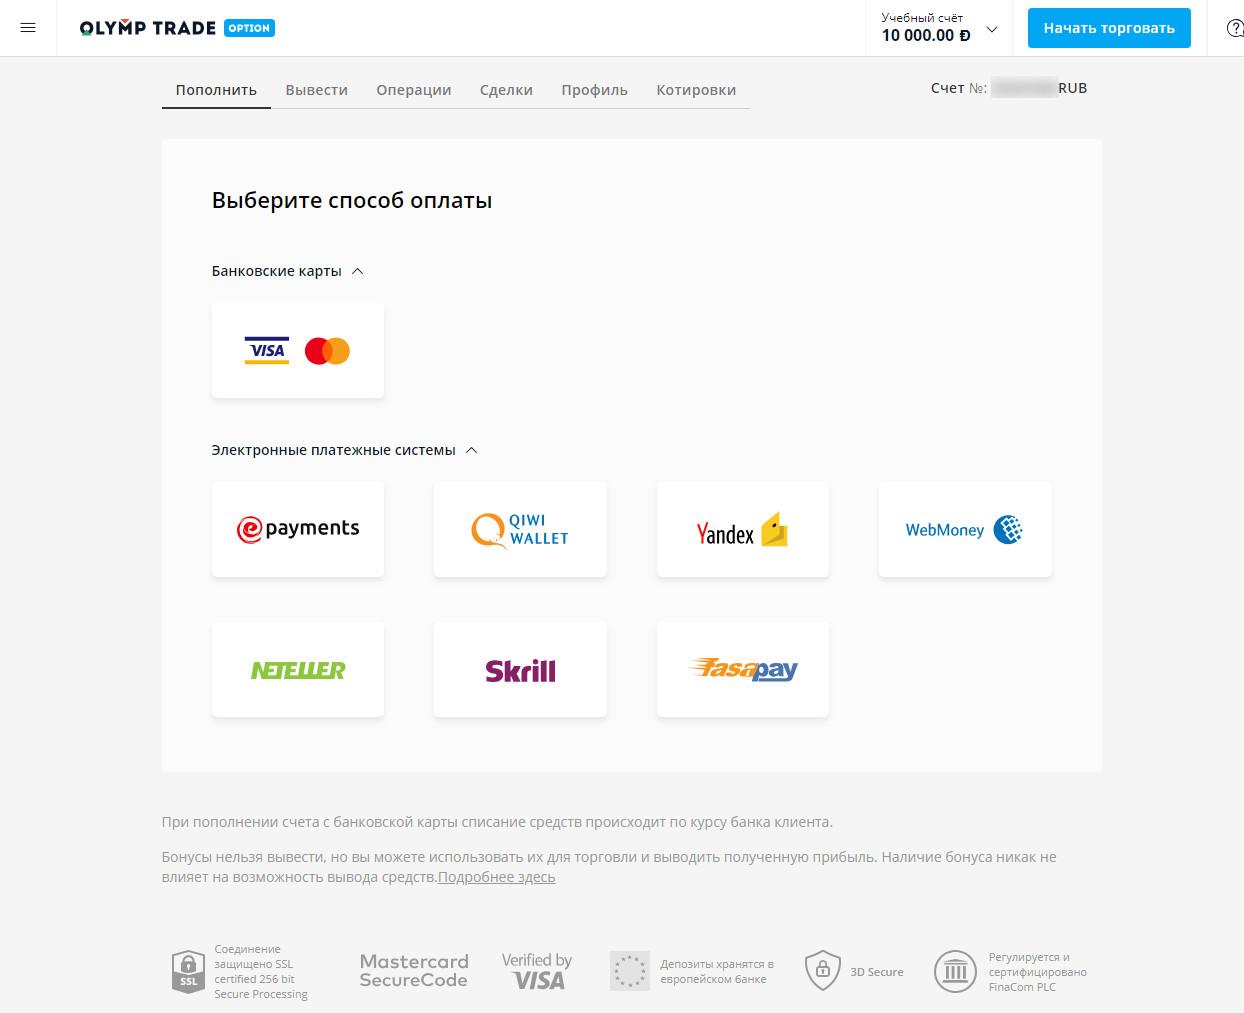 Как пополнить счет? Виды платежных систем